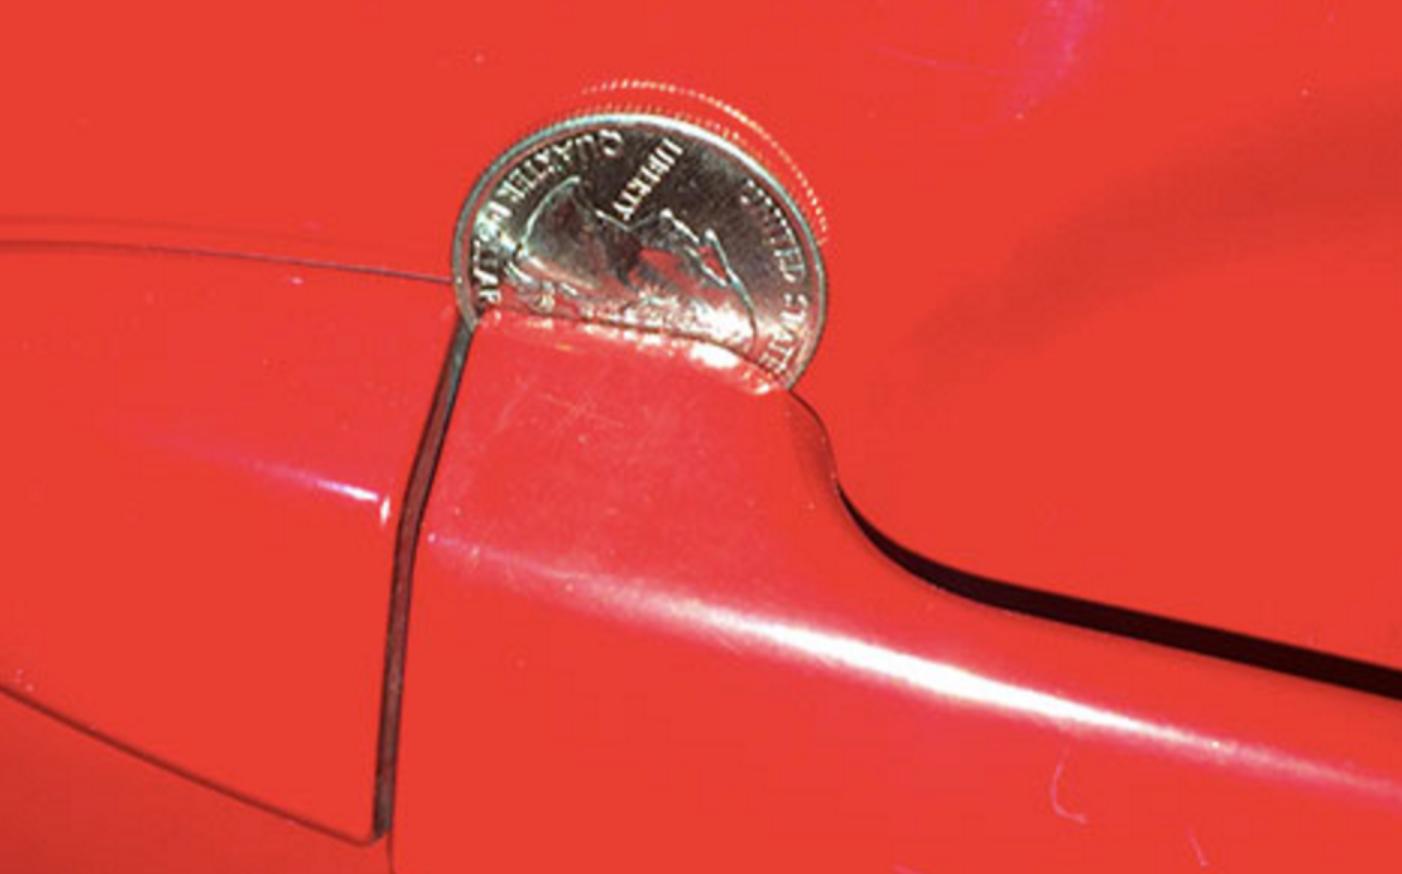 車のドアノブに10円玉が挟まっていたら。。。緊急事態の合図!?大流行中の驚きの手口を大公開